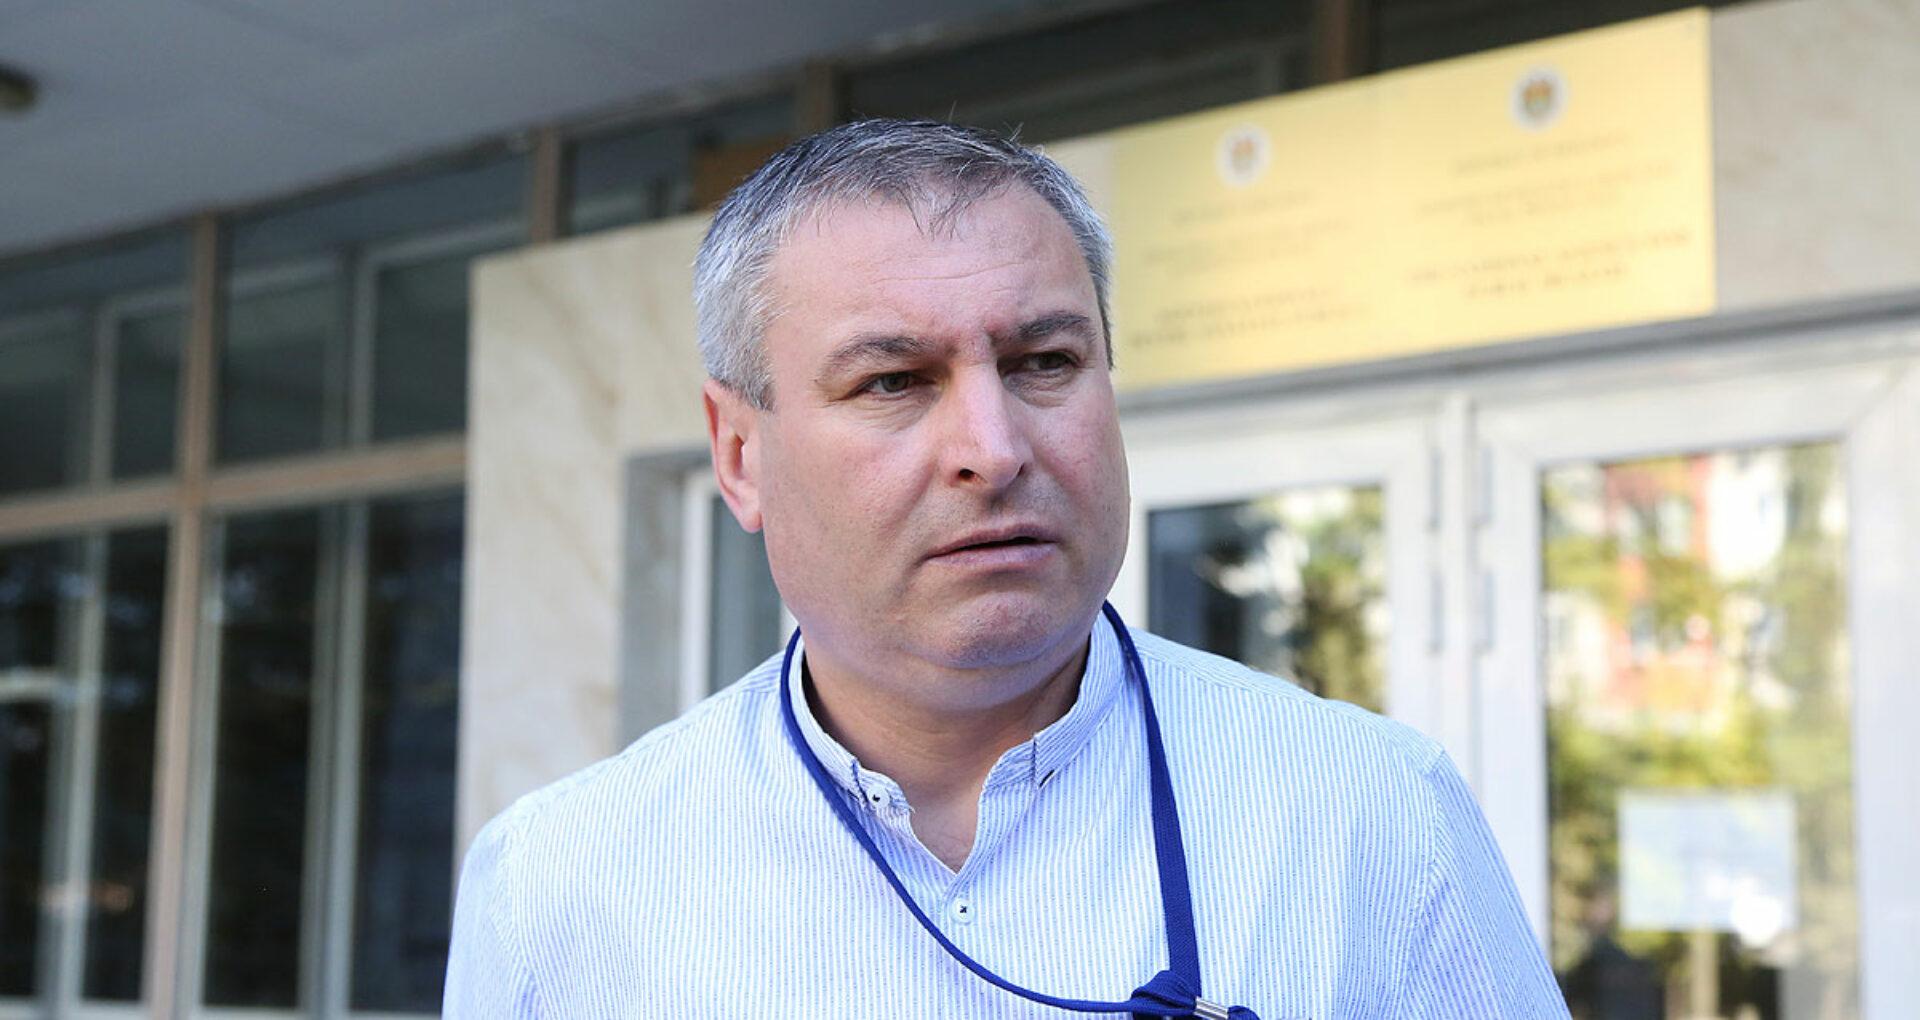 """ULTIMA ORĂ/ Nicolae Furtună și-a dat demisia: """"Premierul a apreciat profesionalismul domnului Furtună și i-a mulțumit pentru muncă"""""""